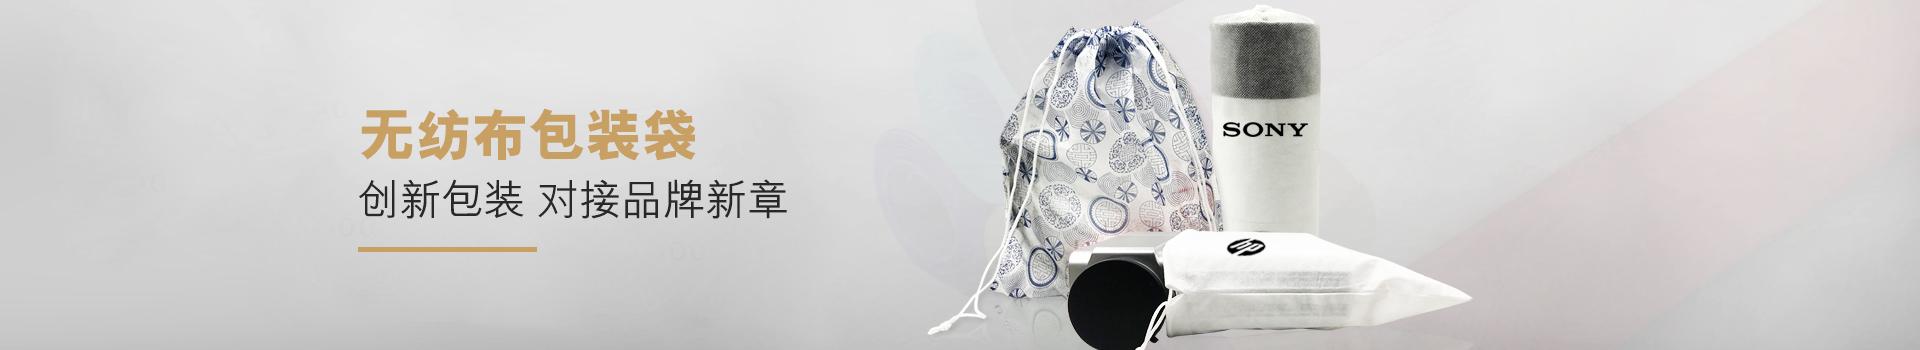 依威无纺布包装袋创新包装,对接品牌新章